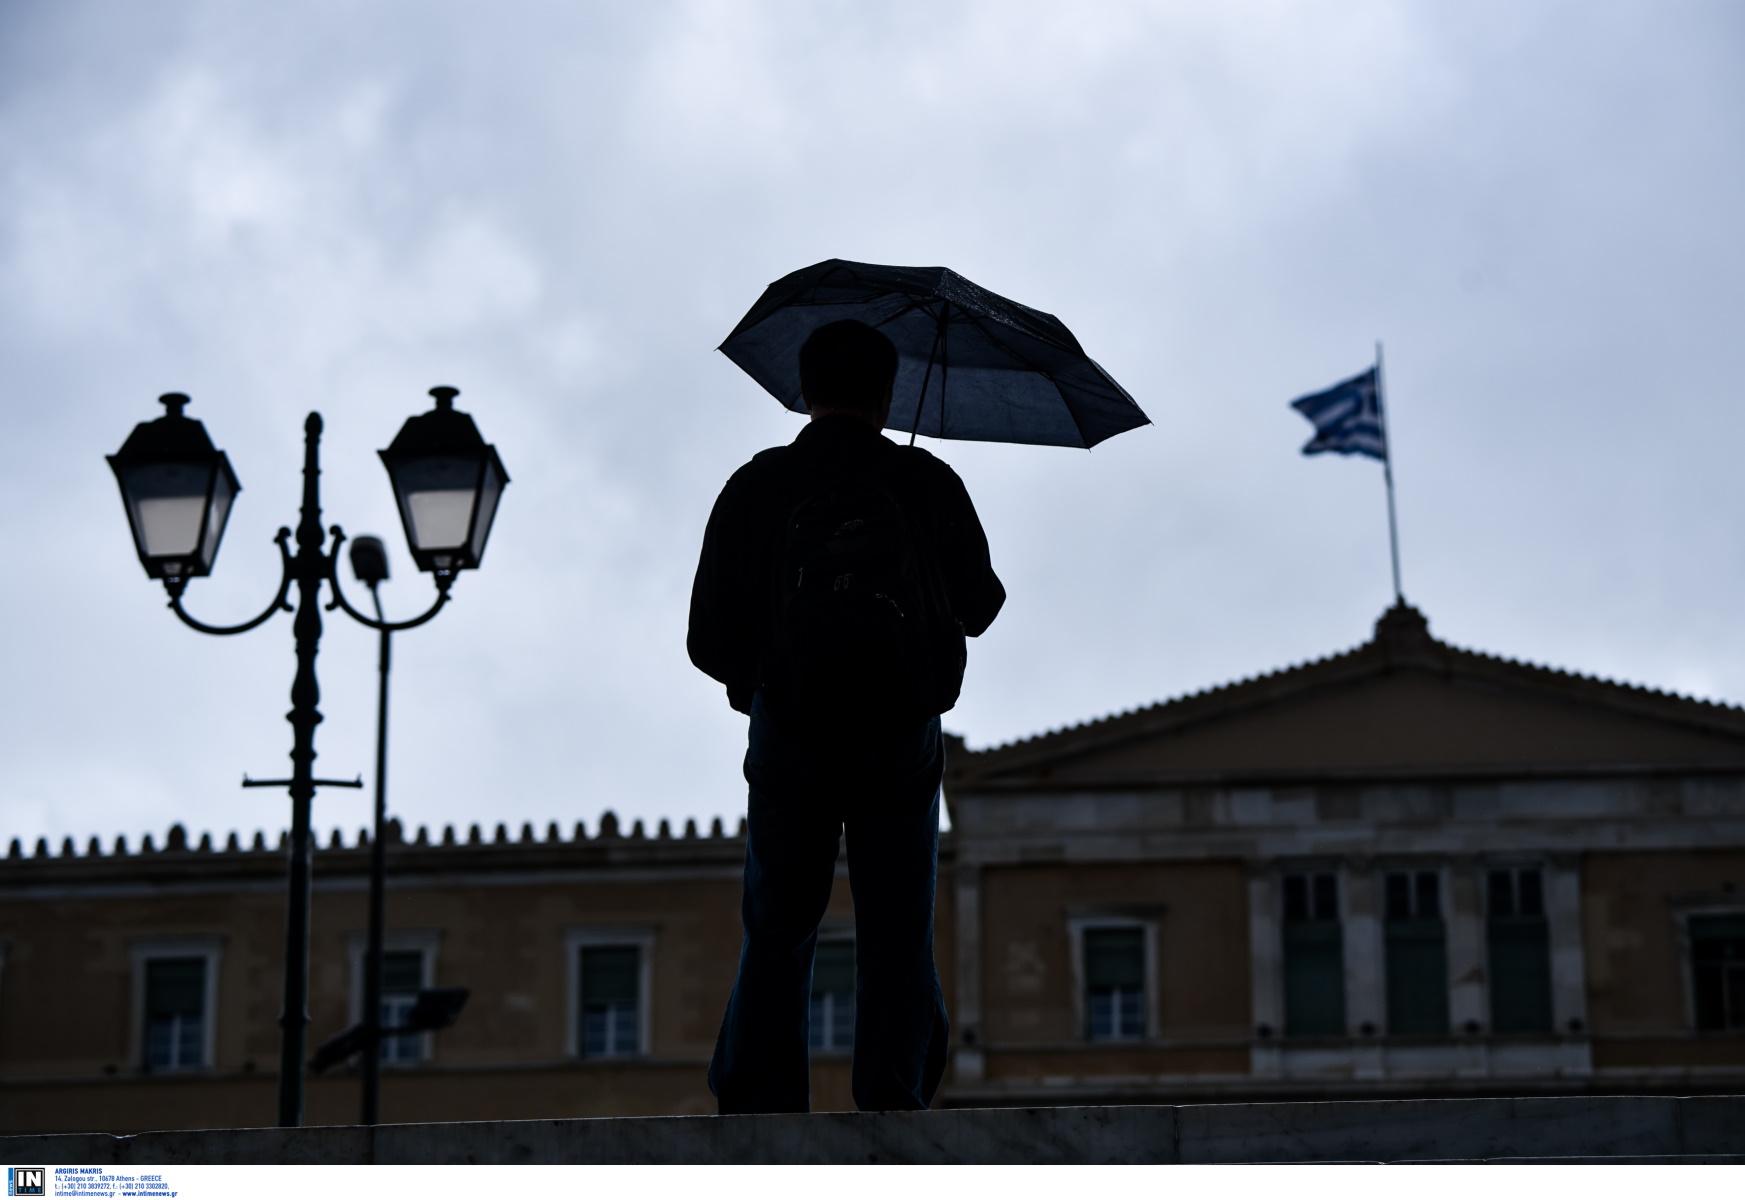 Καιρός σήμερα: Νέα επέλαση κακοκαιρίας με βροχές και καταιγίδες